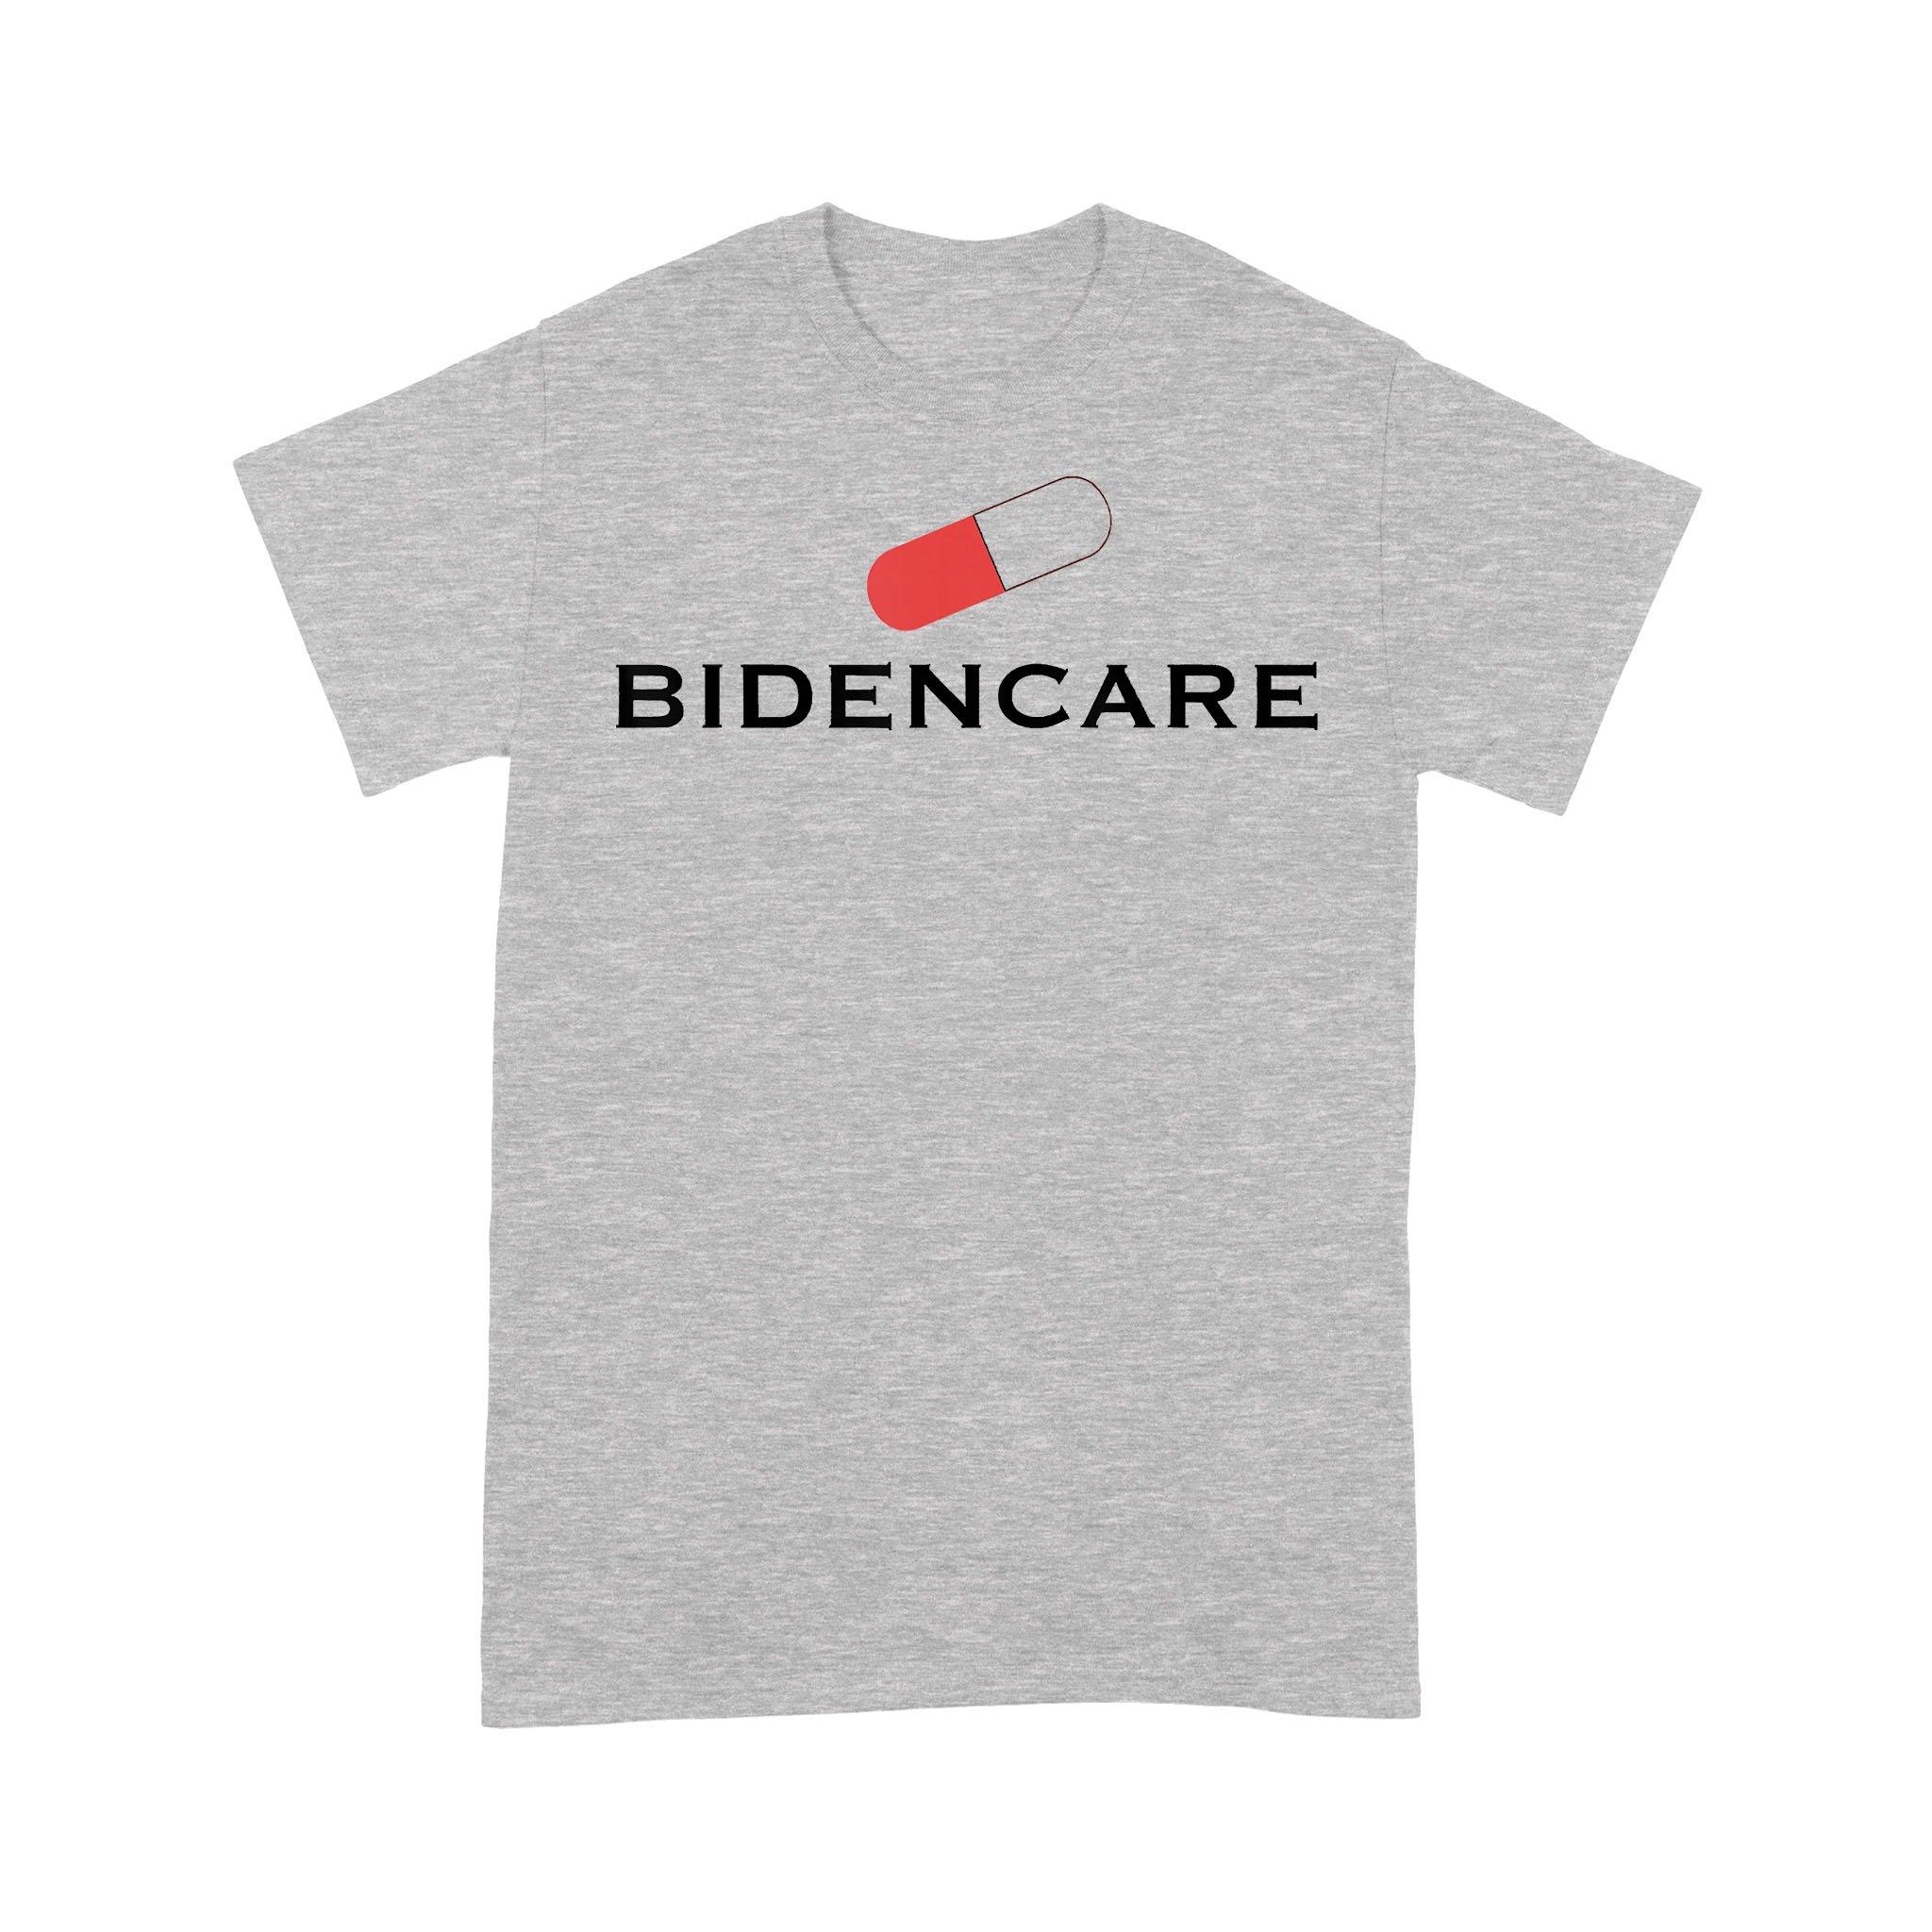 Bidencare 2020 Debate Quote Artwork T-shirt